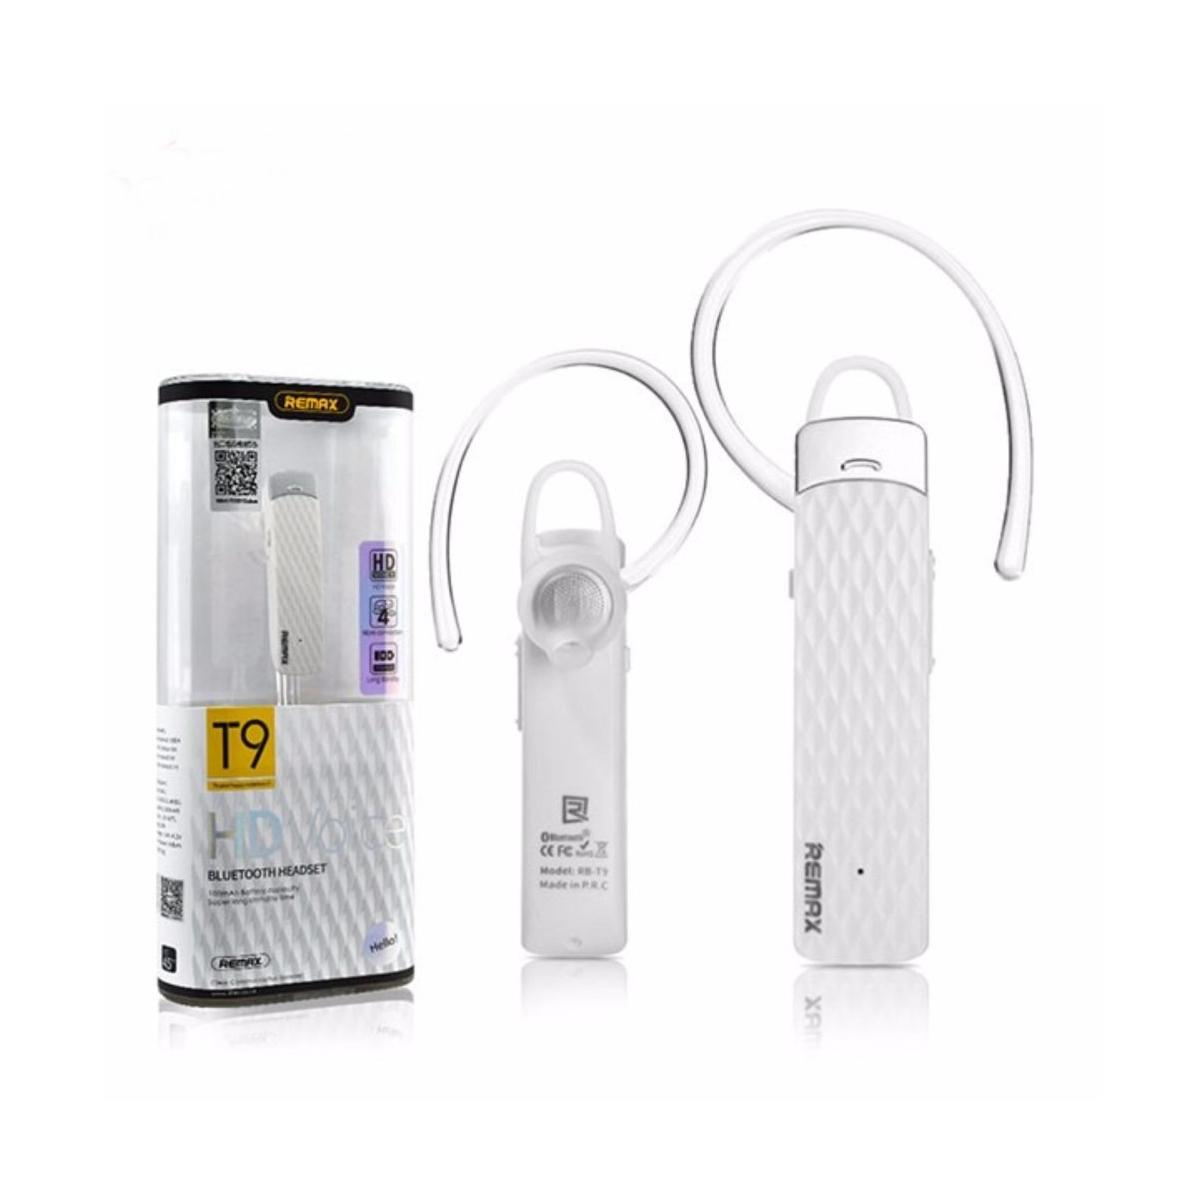 Tai Nghe Bluetooth RB-T9 Remax + Tặng Kèm 1 Ghế Đỡ Điện Thoại Đa Năng T2- Hàng Chính Hãng